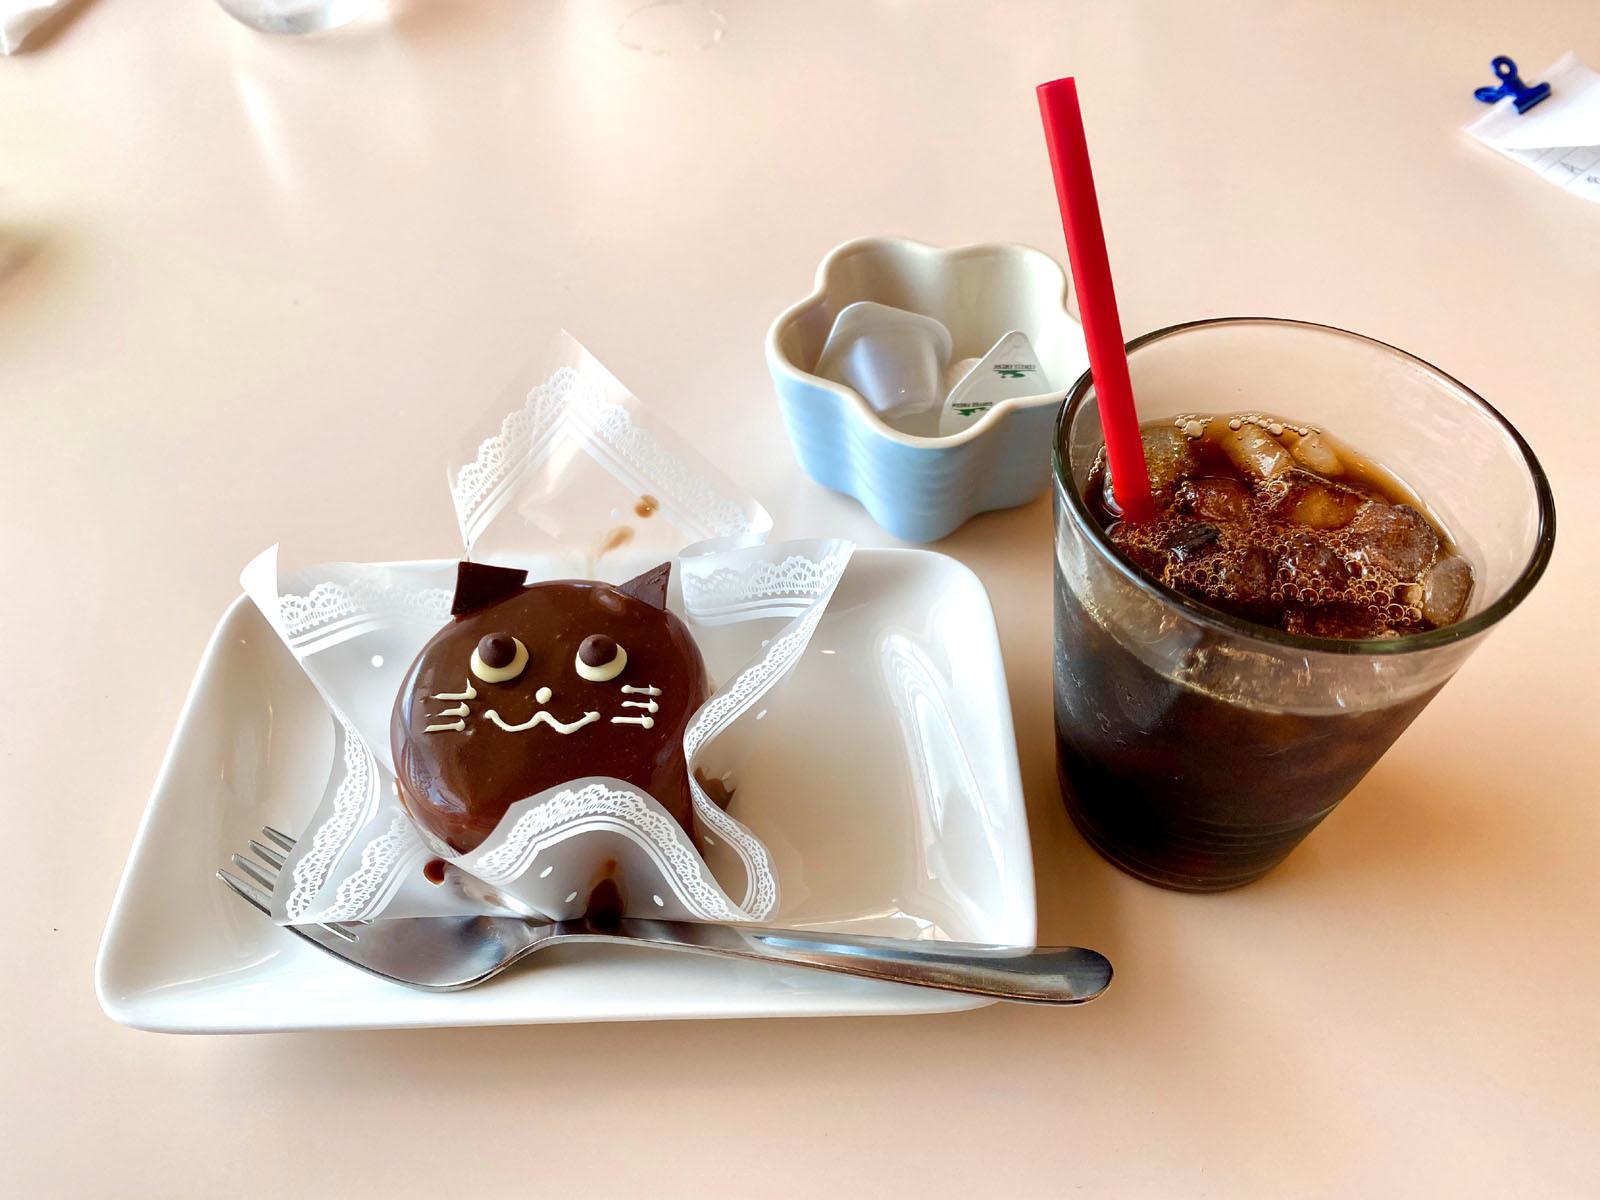 アイスコーヒー、黒猫のチョコムース 380円